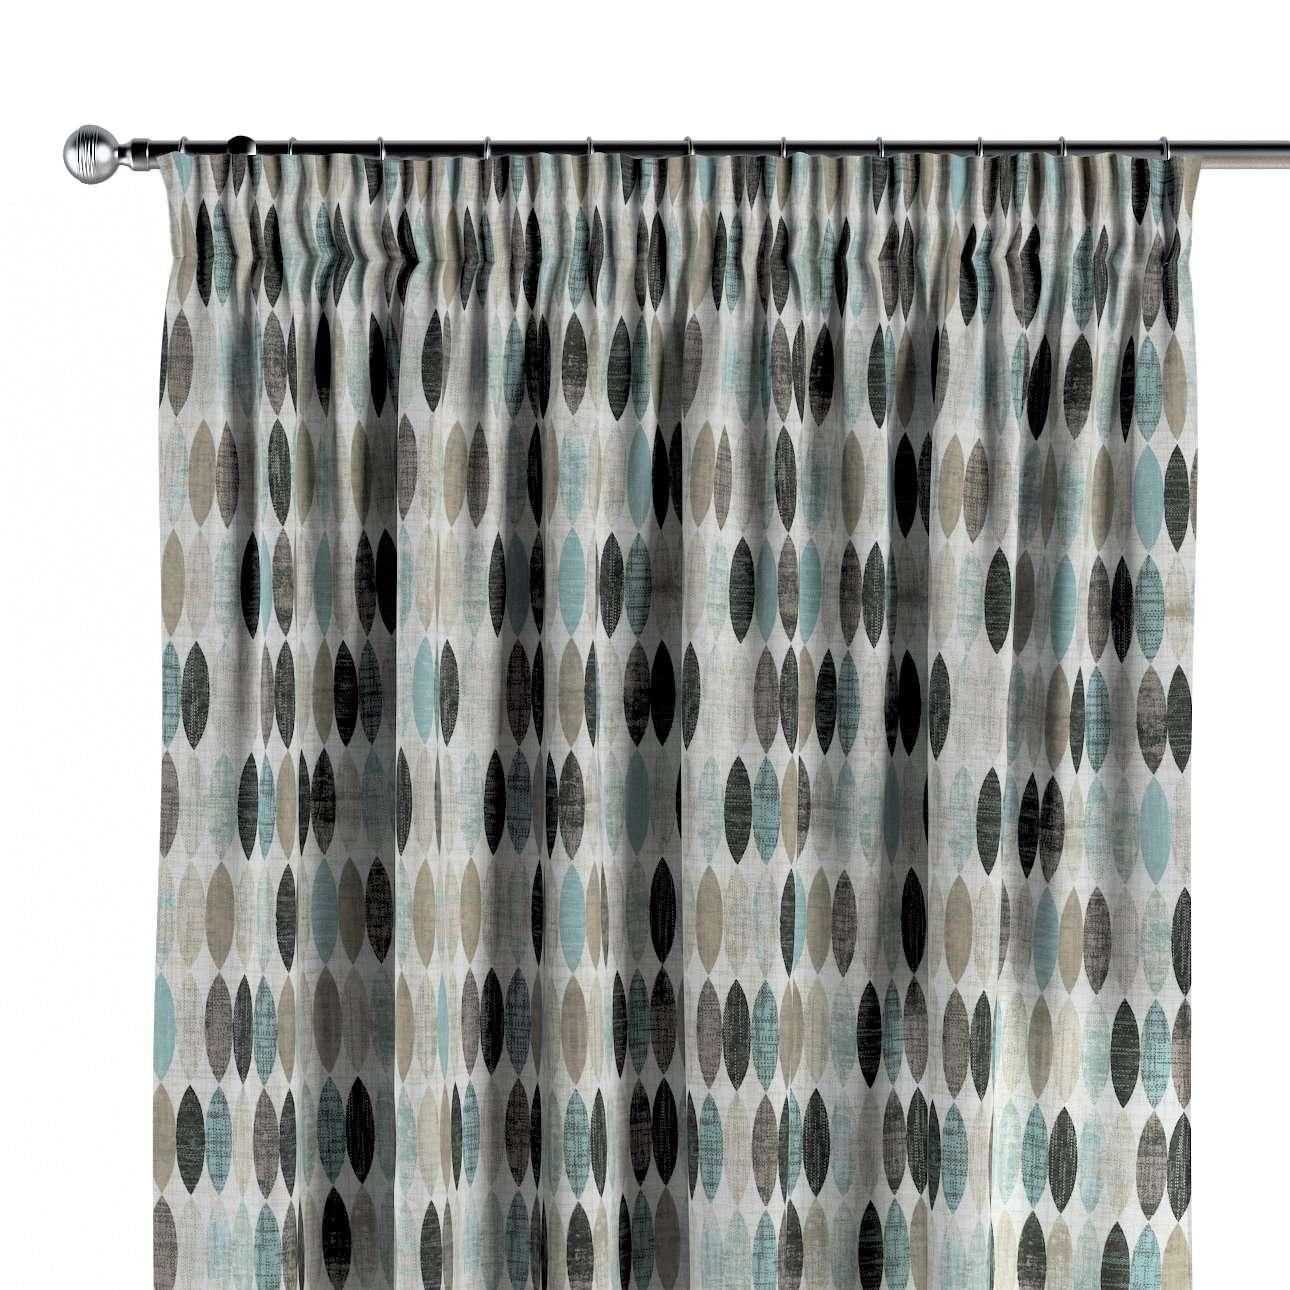 Zasłona na taśmie marszczącej 1 szt. w kolekcji Modern, tkanina: 141-91